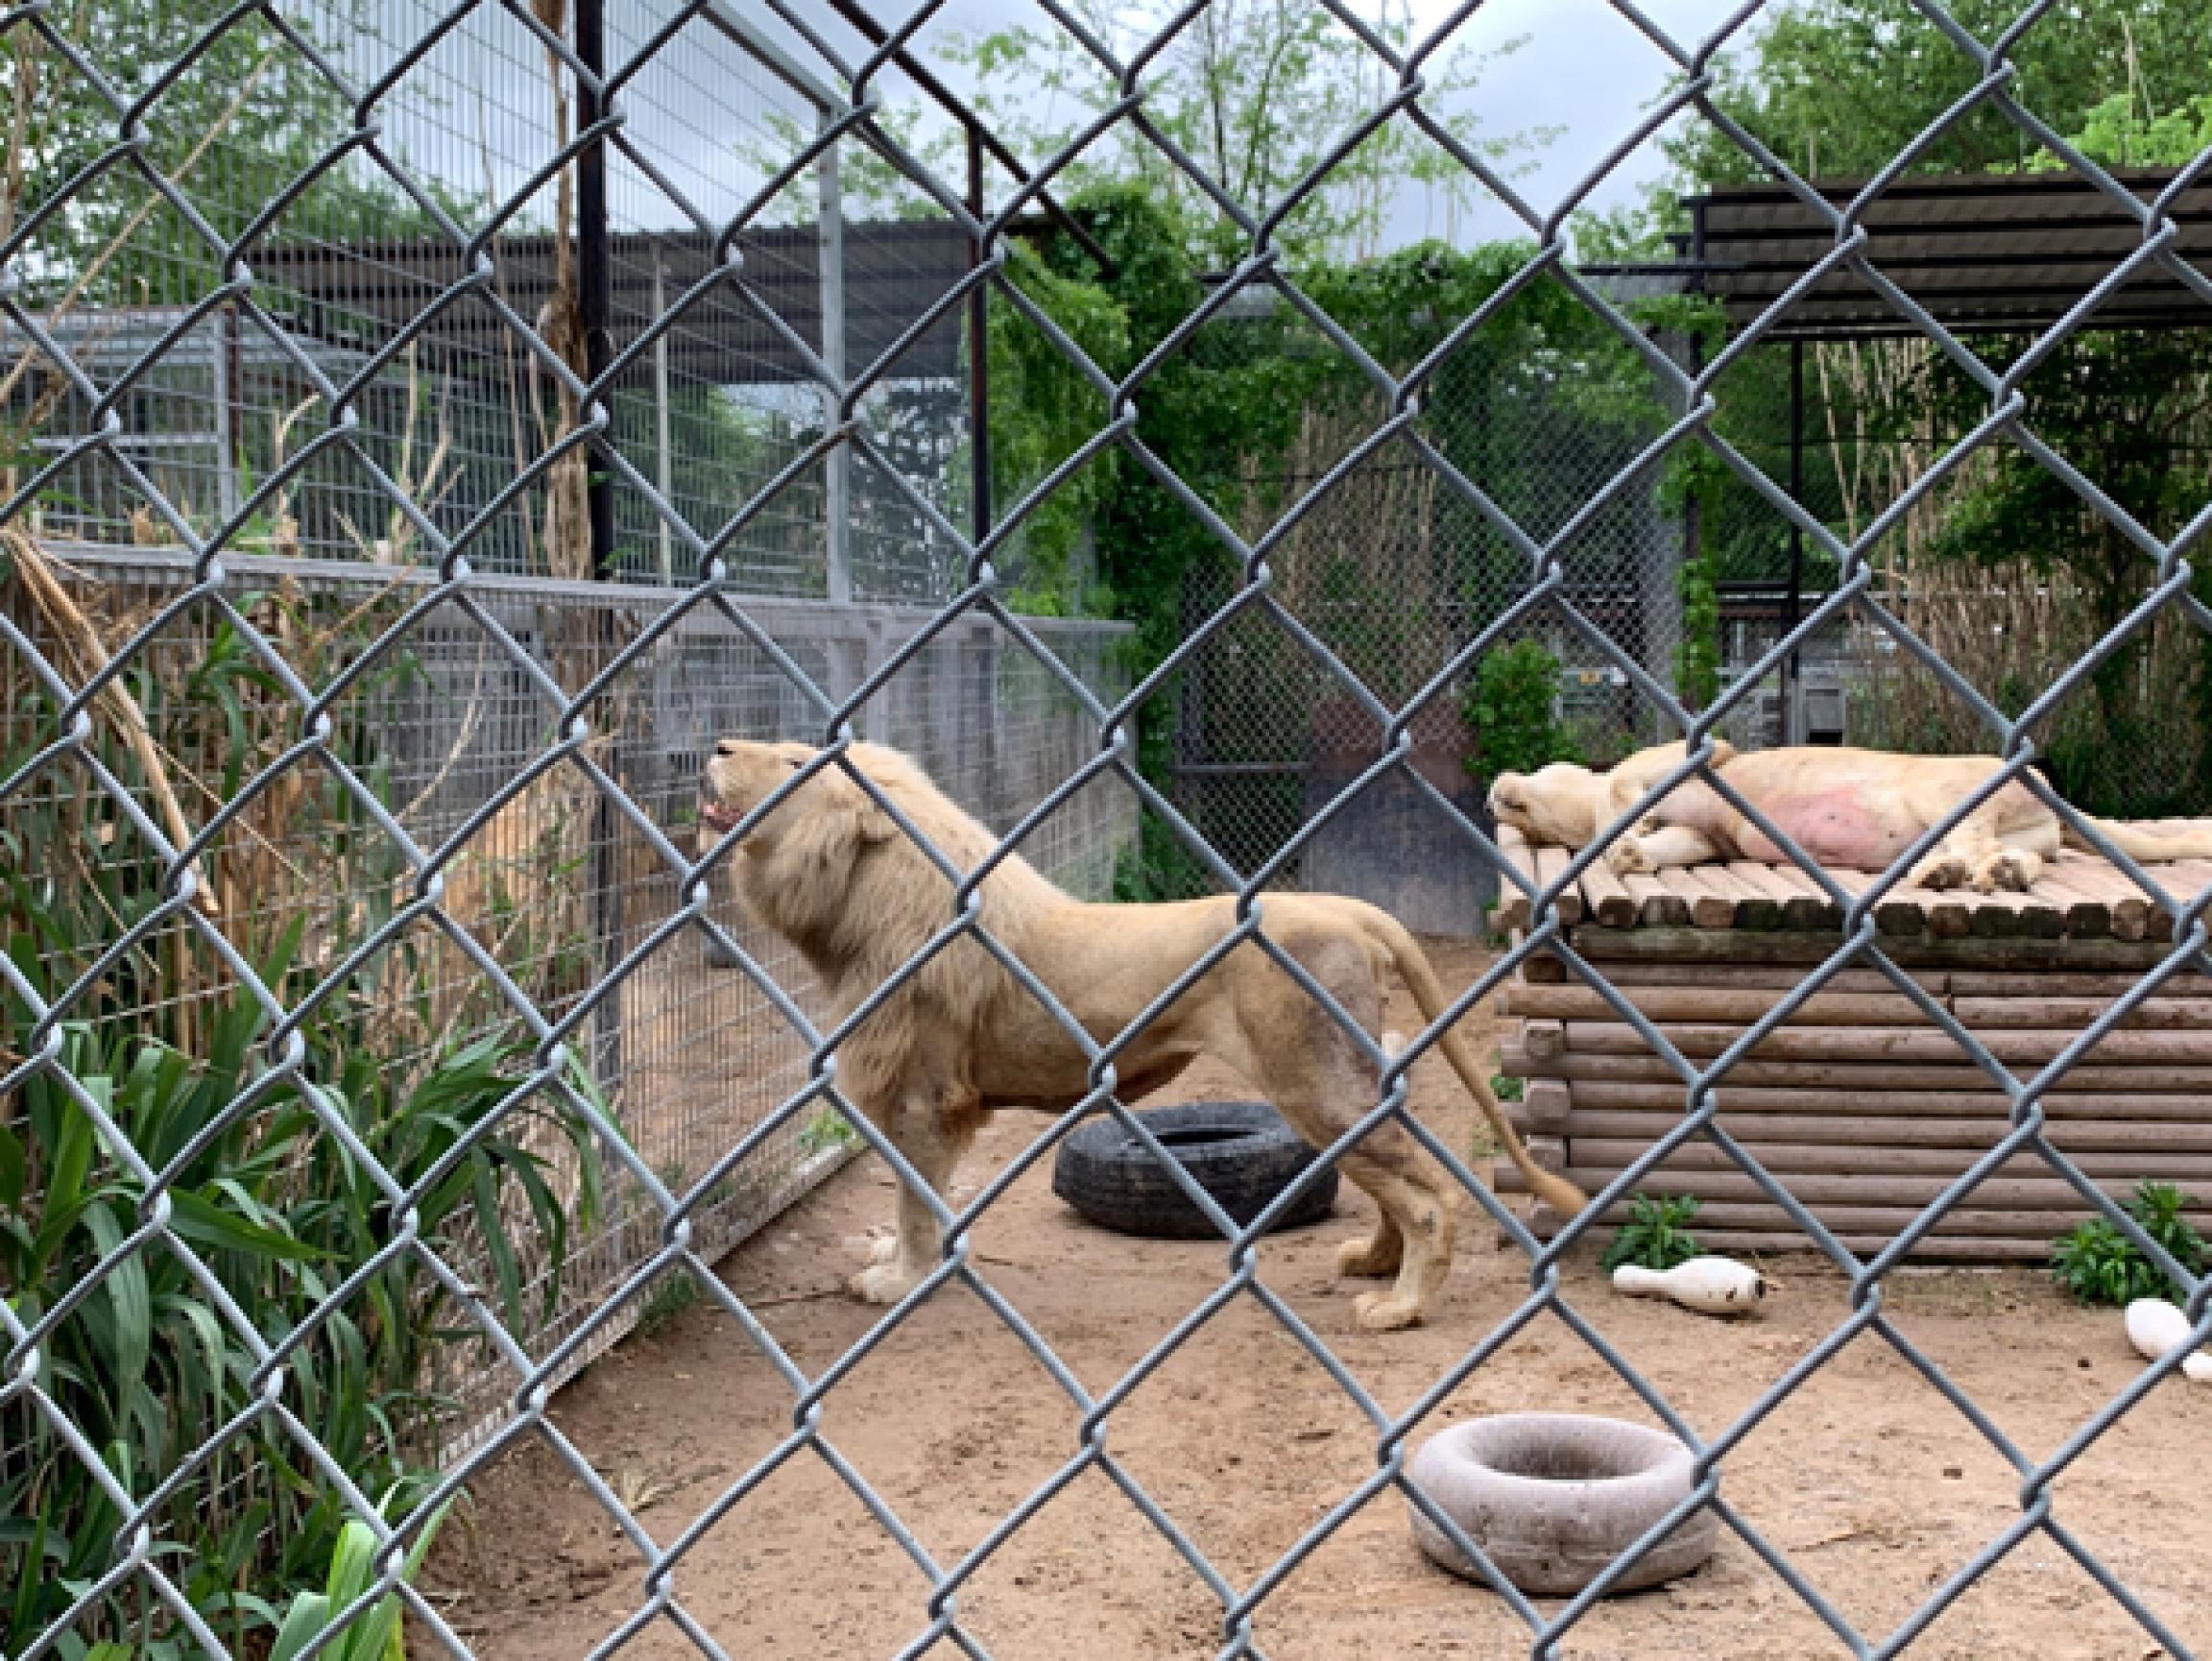 Lions in a roadside zoo